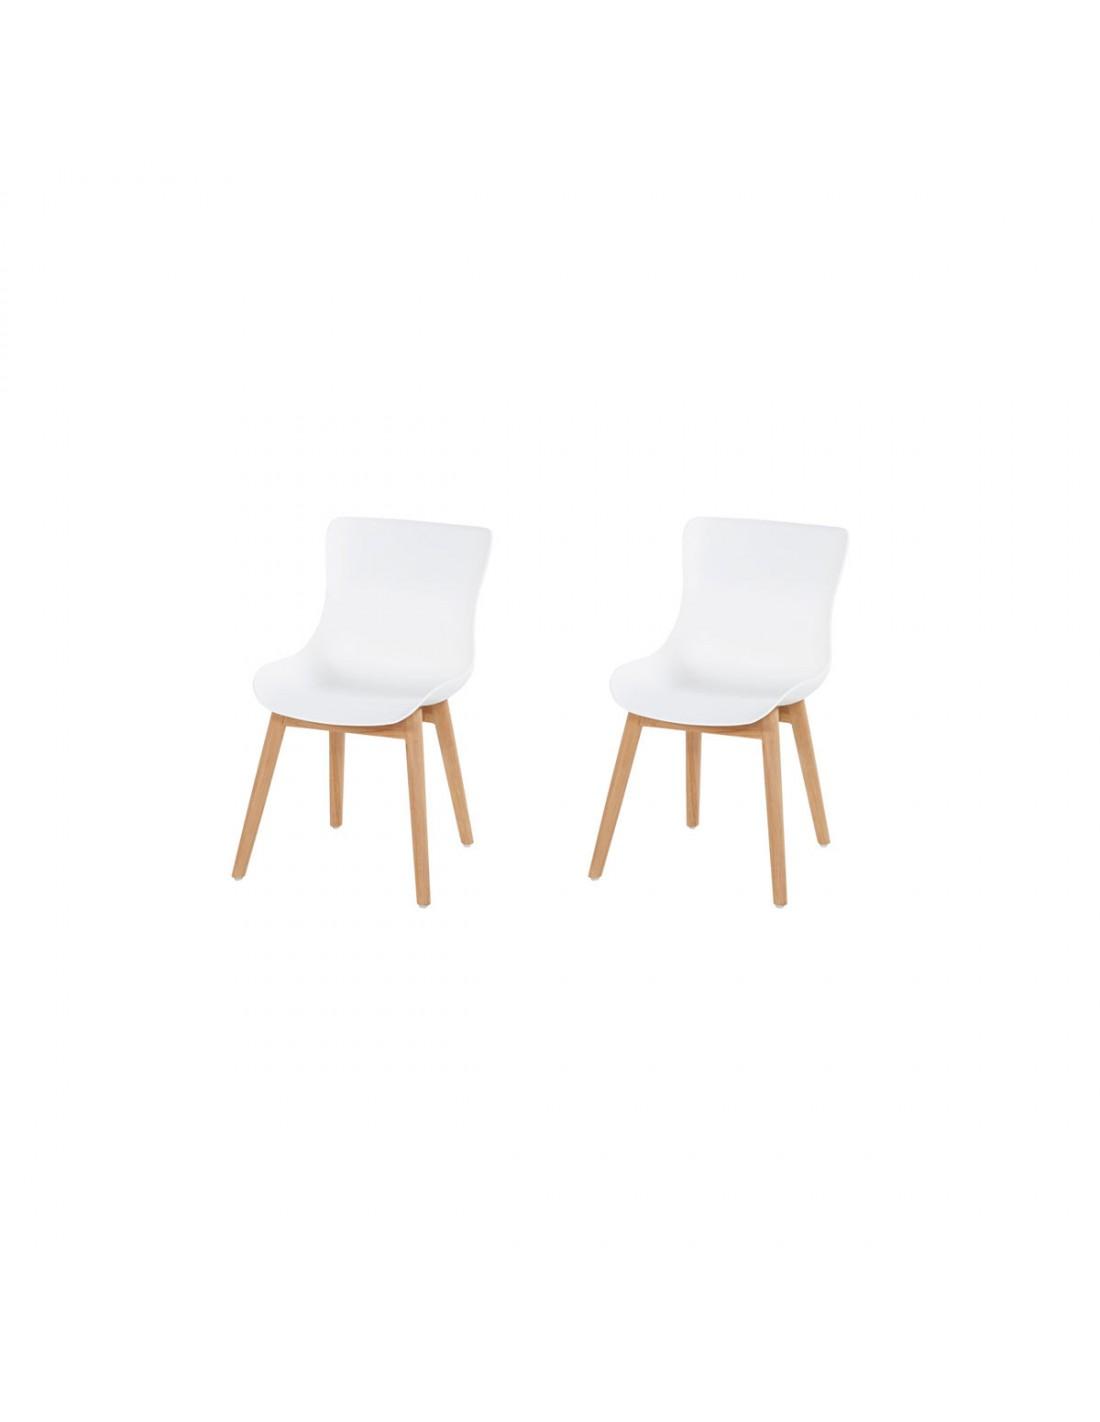 Gebruikte Hartman Stoelen.Hartman Sophie Wood Dining Chair Set Van 2 Tuinmeubelman